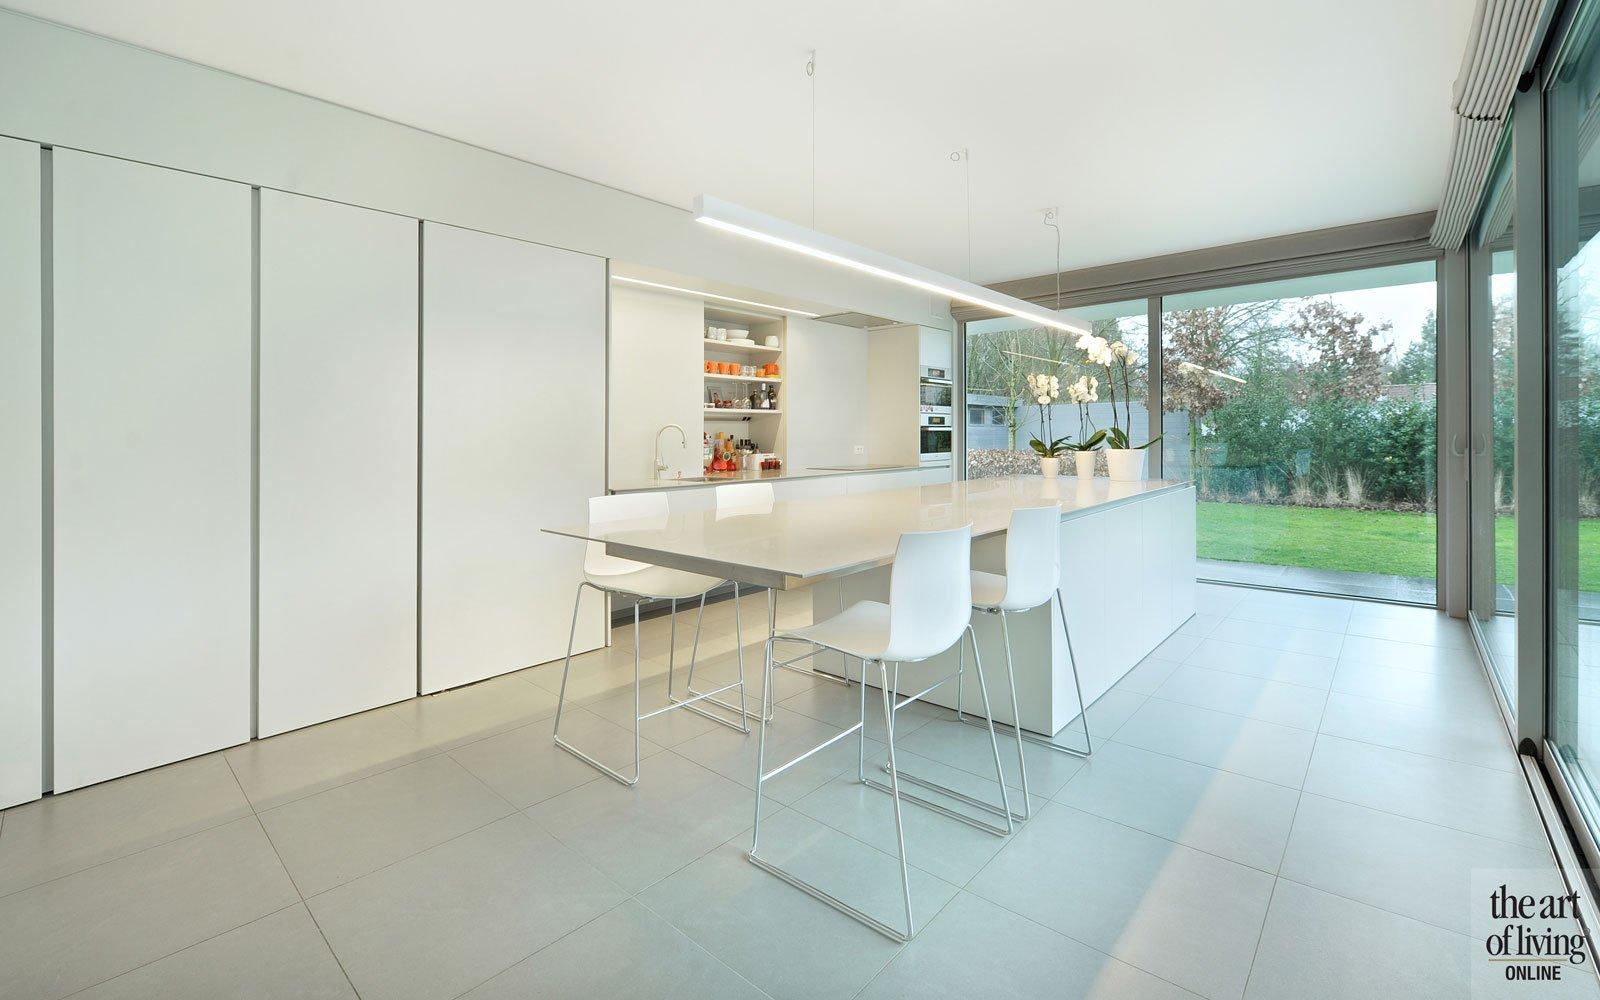 Keuken, strak, wit, tegelvloer, De keukenarchitecten, kookeiland, symmetrische woning, Schellen Architecten